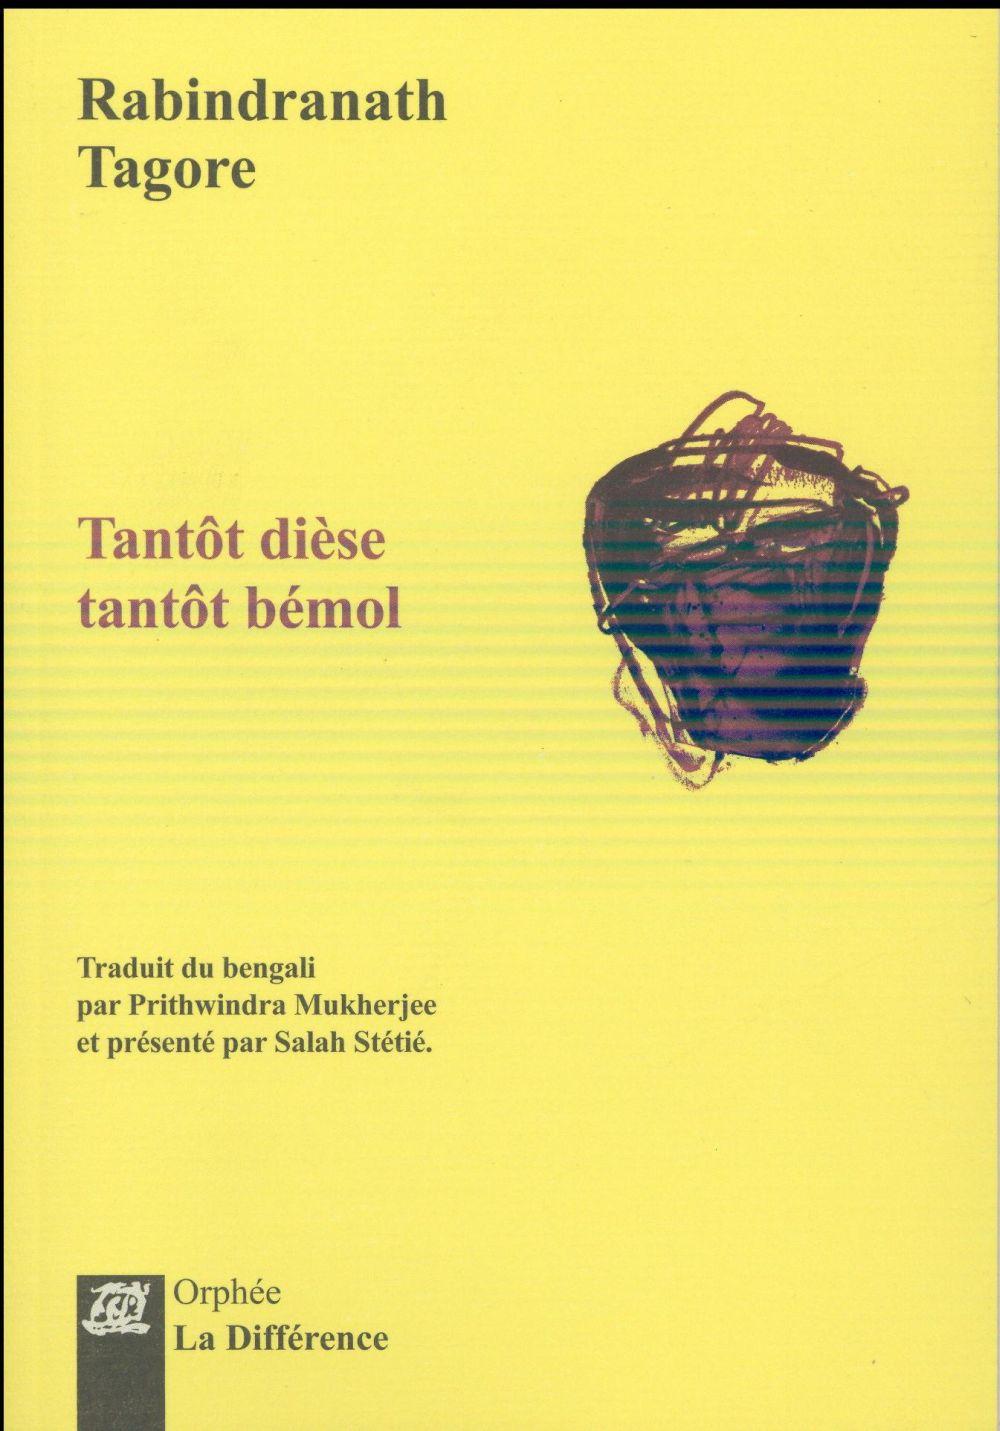 TANTOT DIESE - TANTOT BEMOL